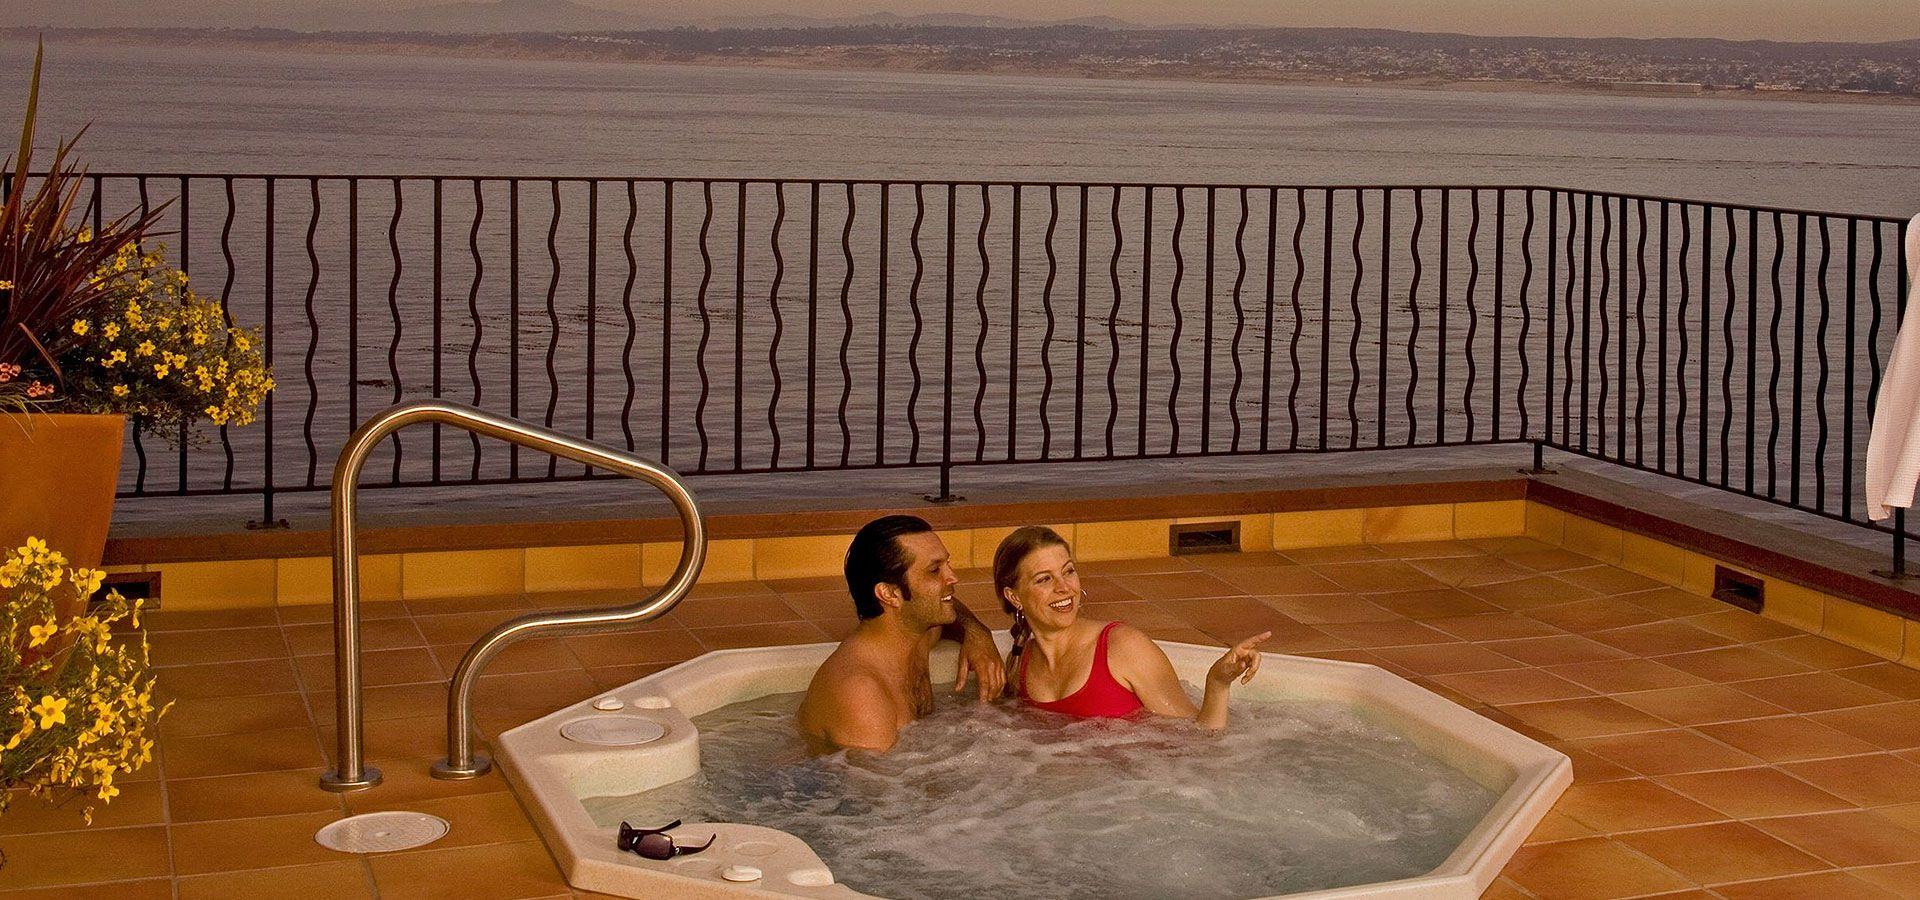 Specials of Hotel Monterey